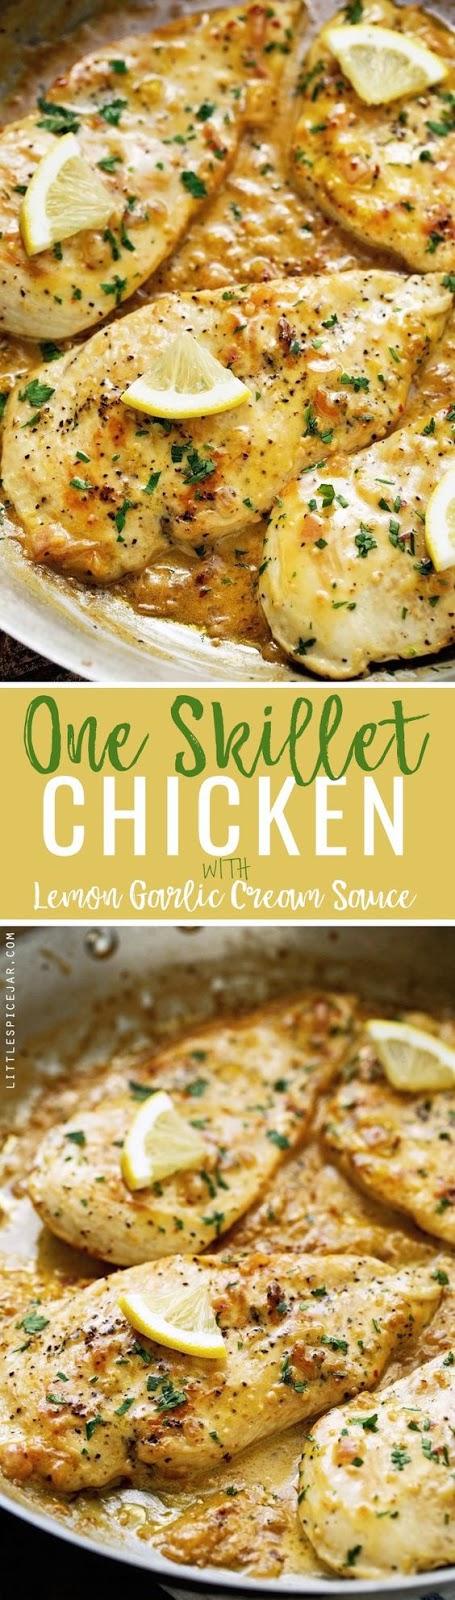 One Skillet Chicken with lemon Garlic Cream Sauce - Chicken Recipes